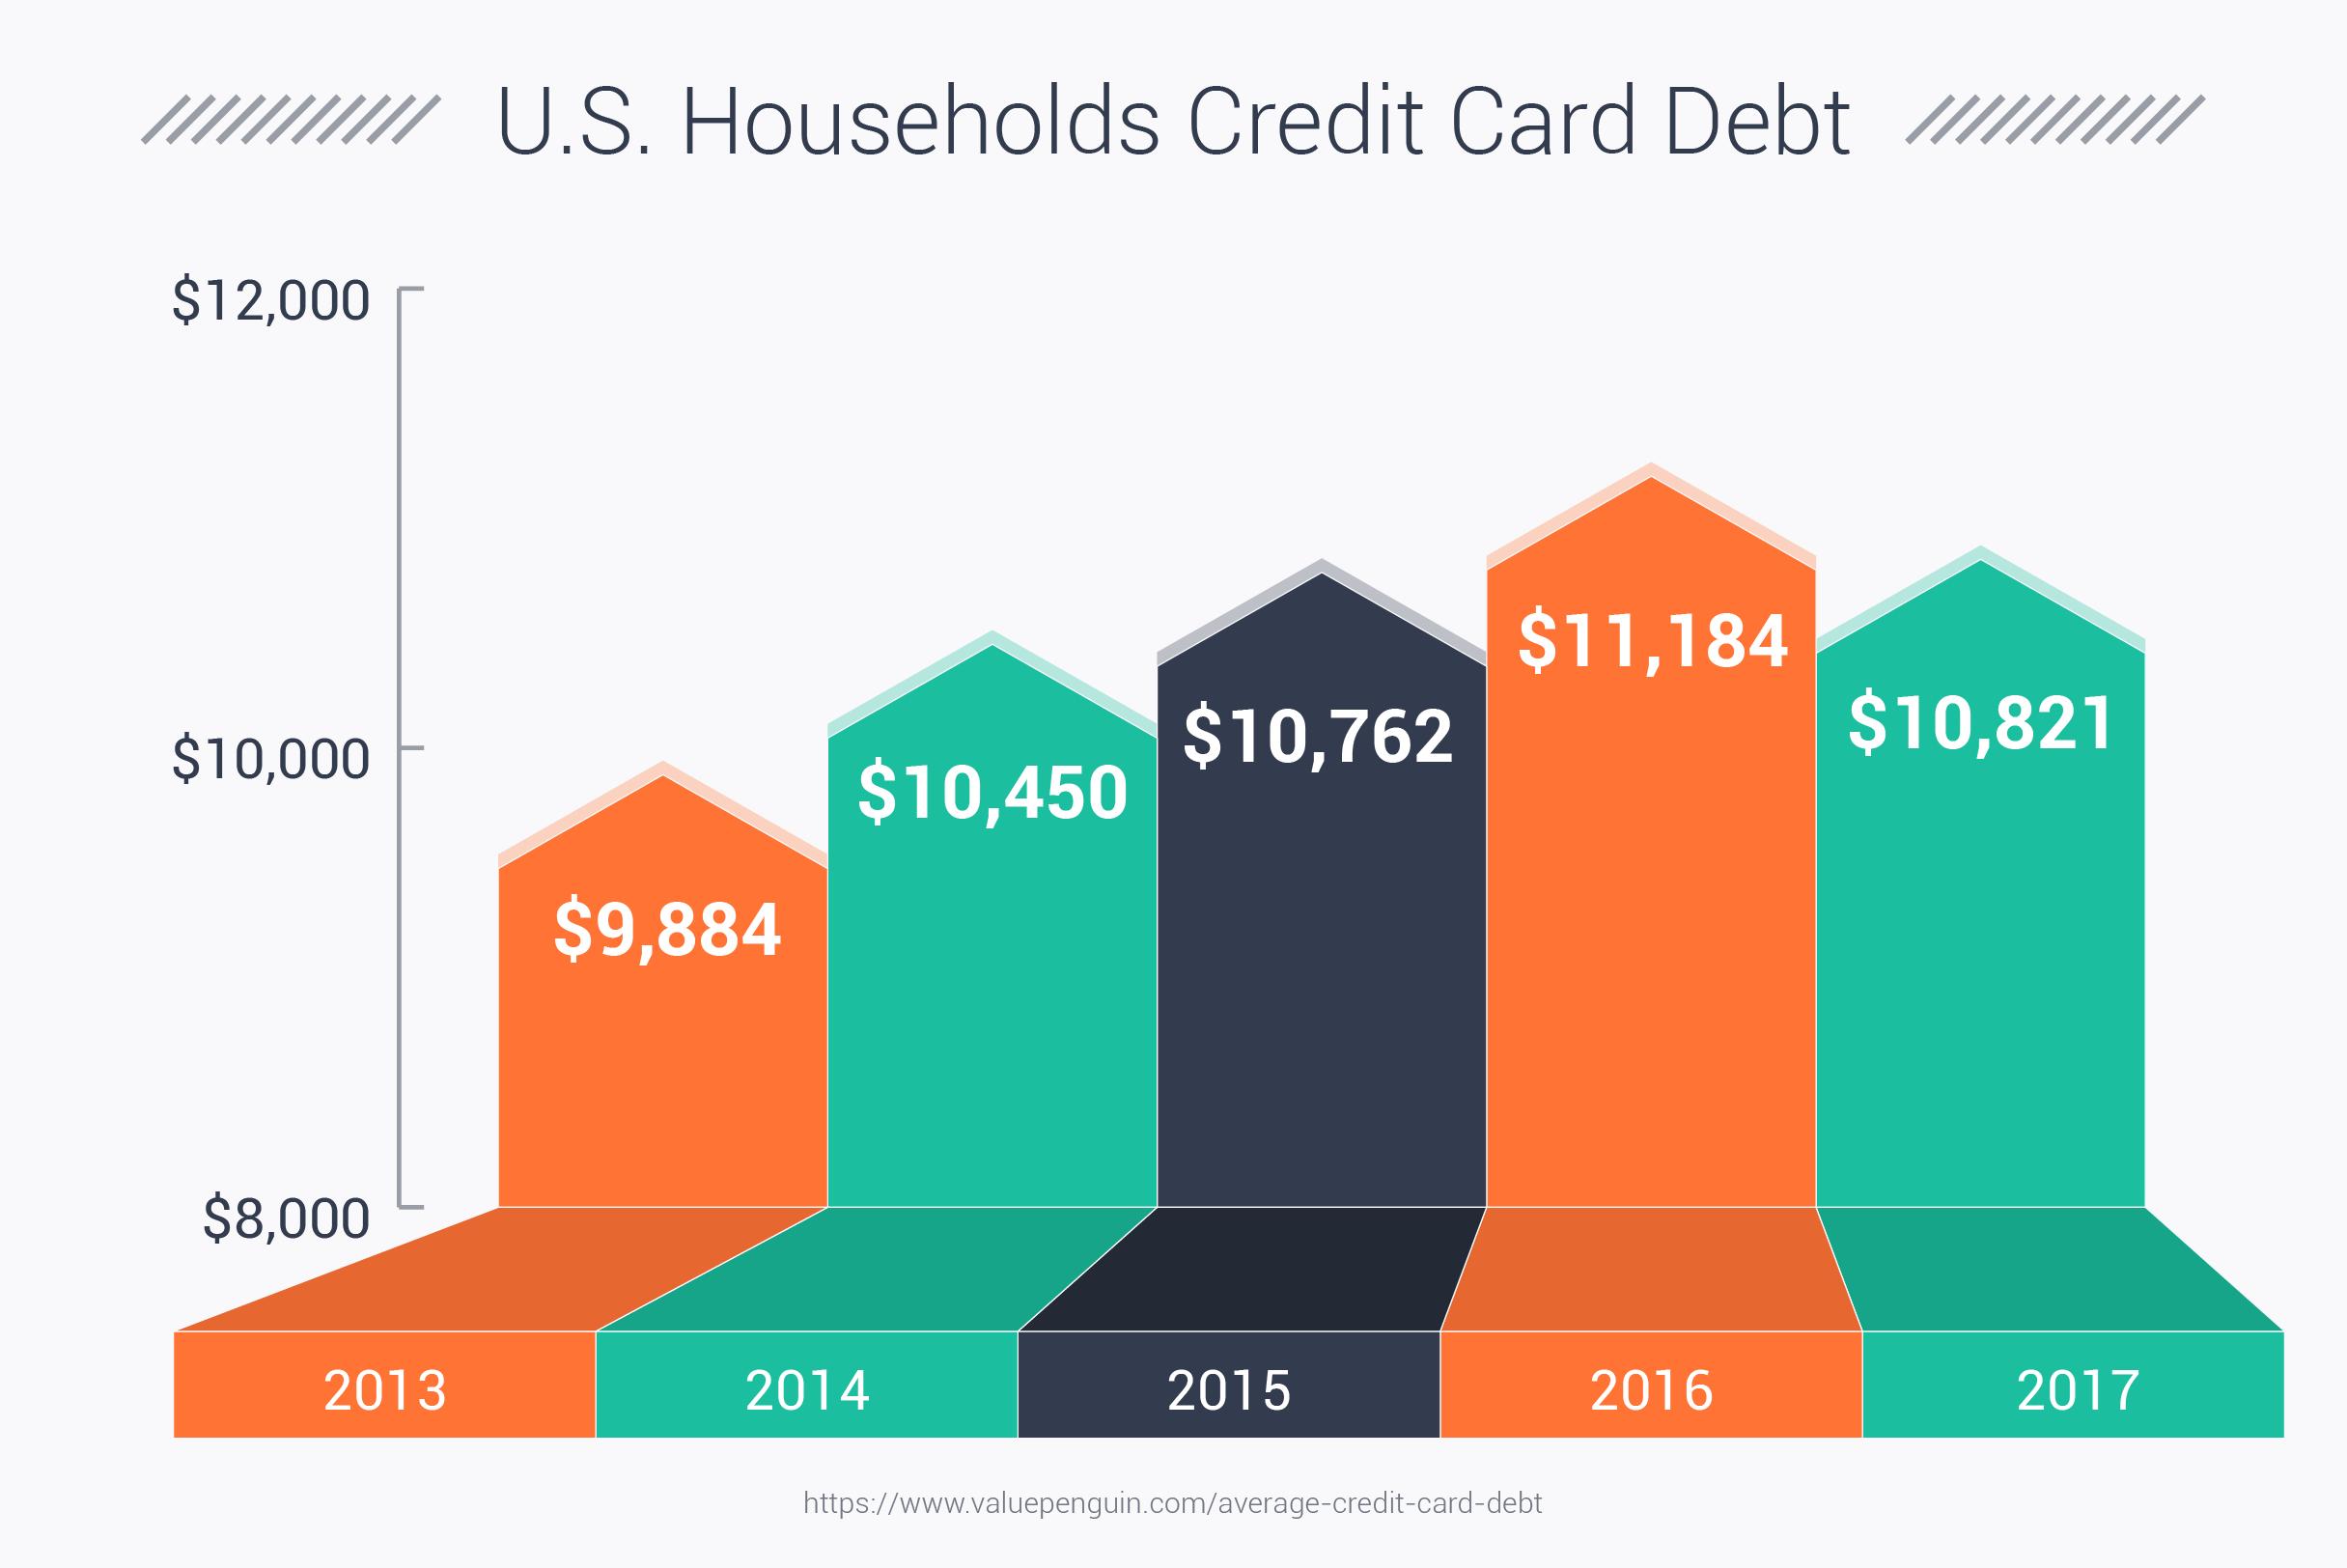 U.S. Households Credit Card Debt